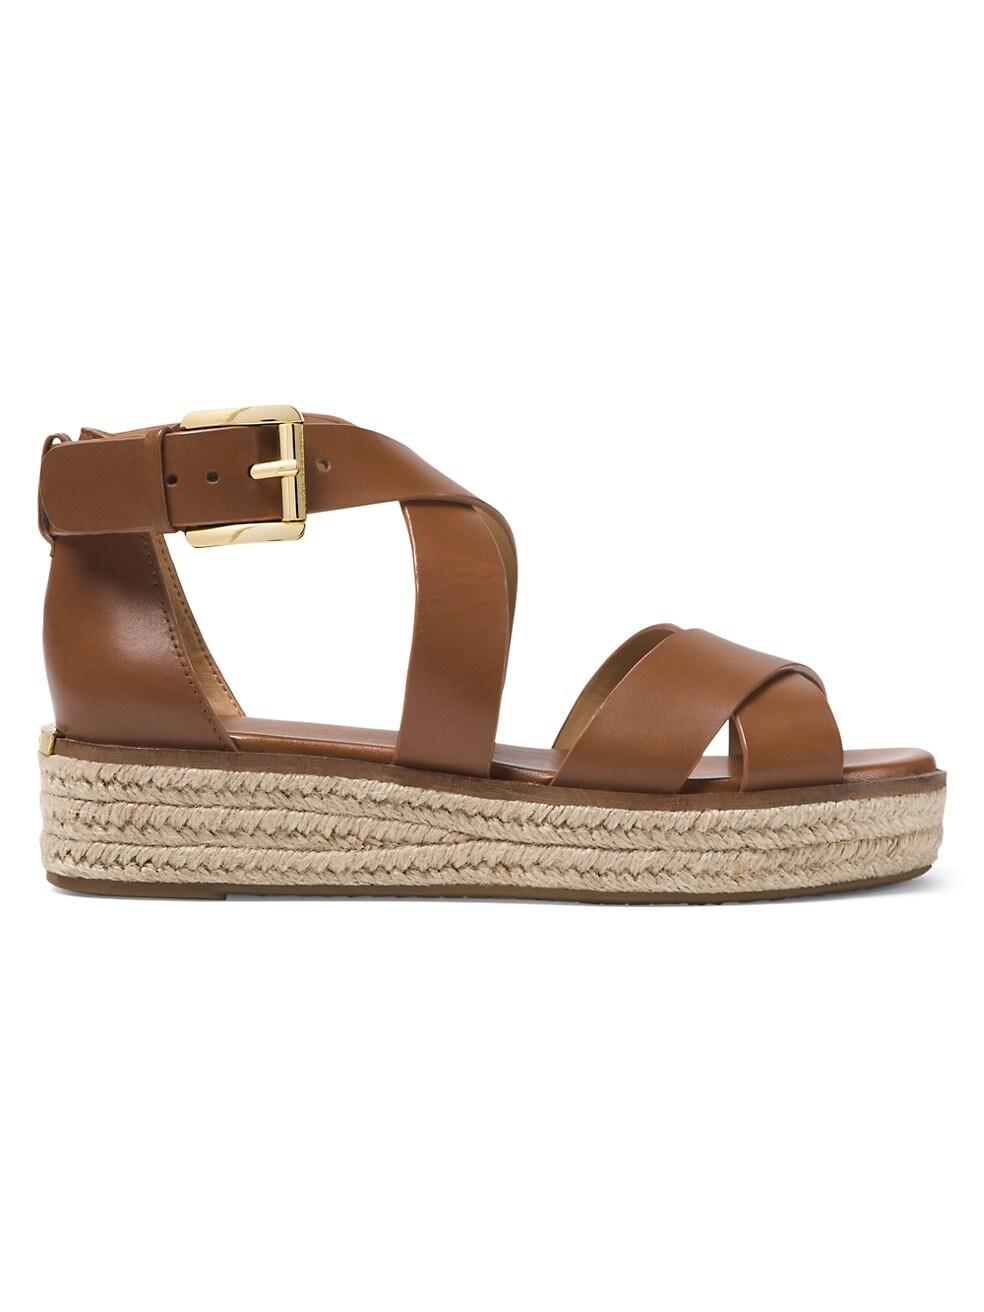 마이클 코어스 Michael Kors Darby Leather Espadrille Platform Sandals,LUGGAGE